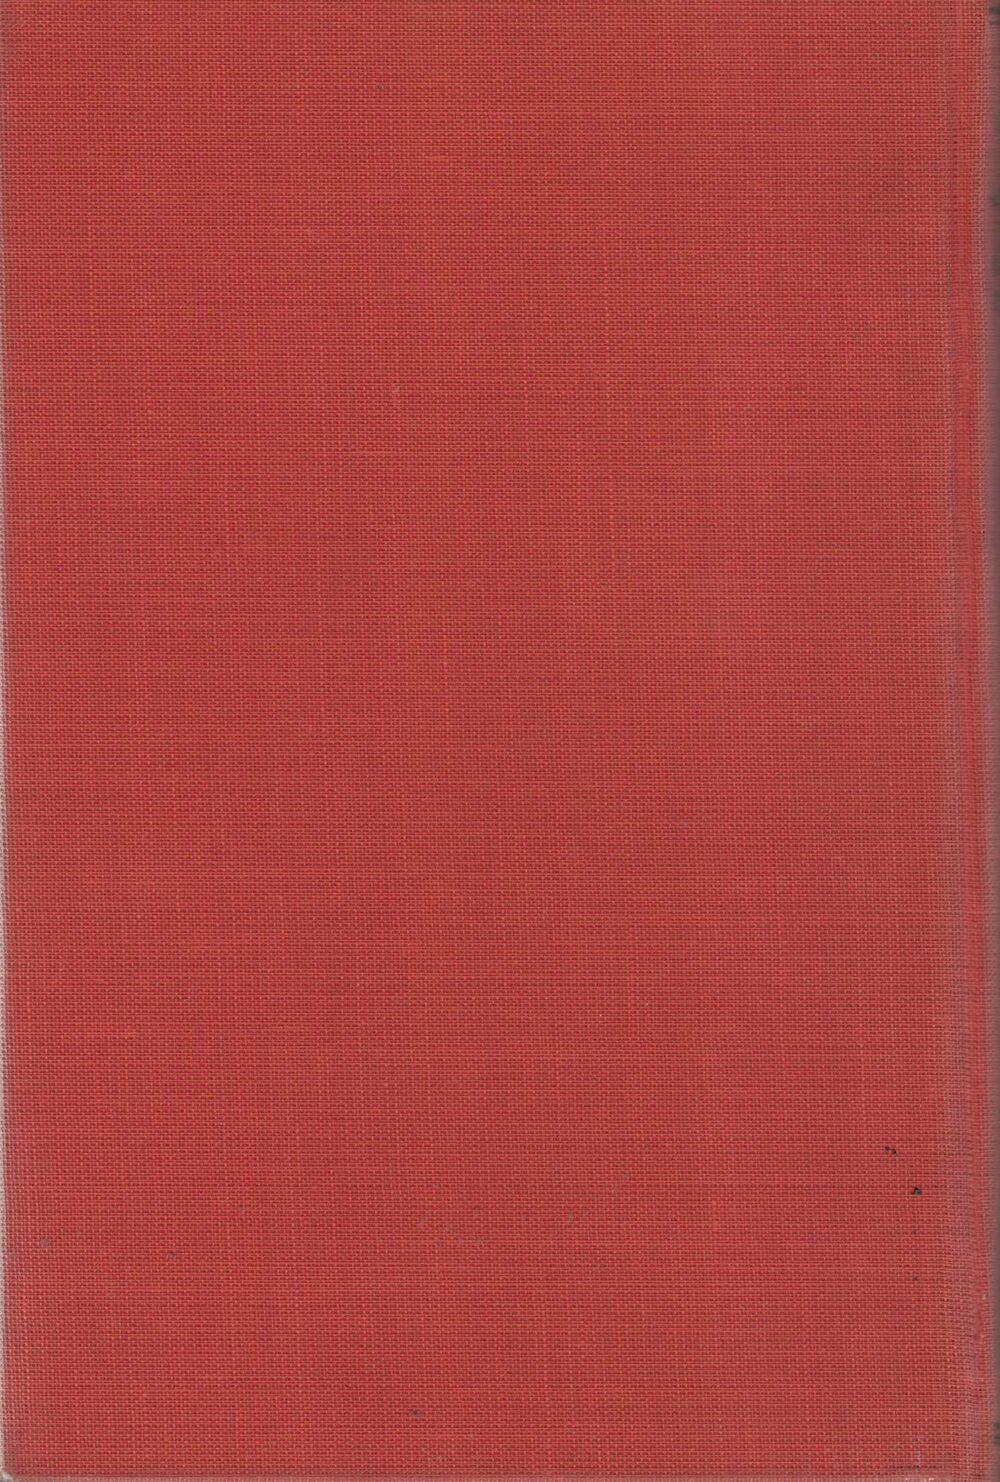 Jack London - Abenteuer des Schienenstranges - Roman - Ein Bekenntnis